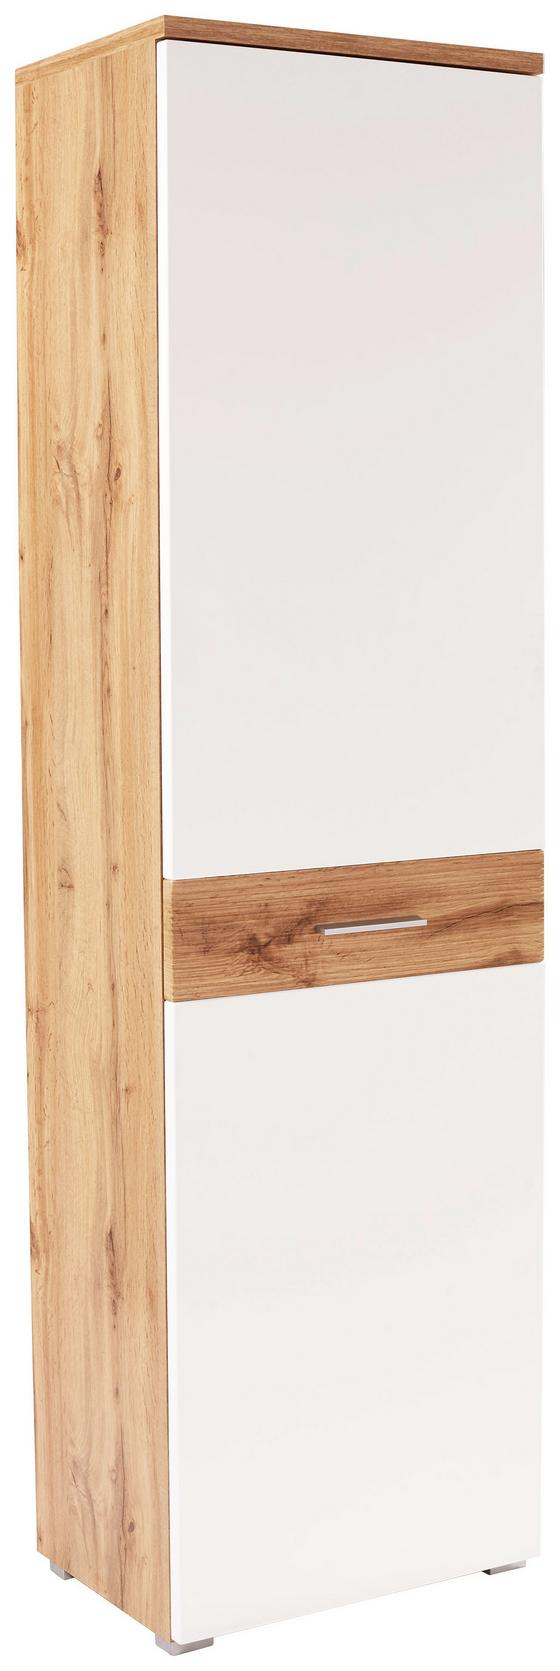 Šatní Skříň Space New - bílá/barvy dubu, Moderní, kompozitní dřevo (55/199/35cm)